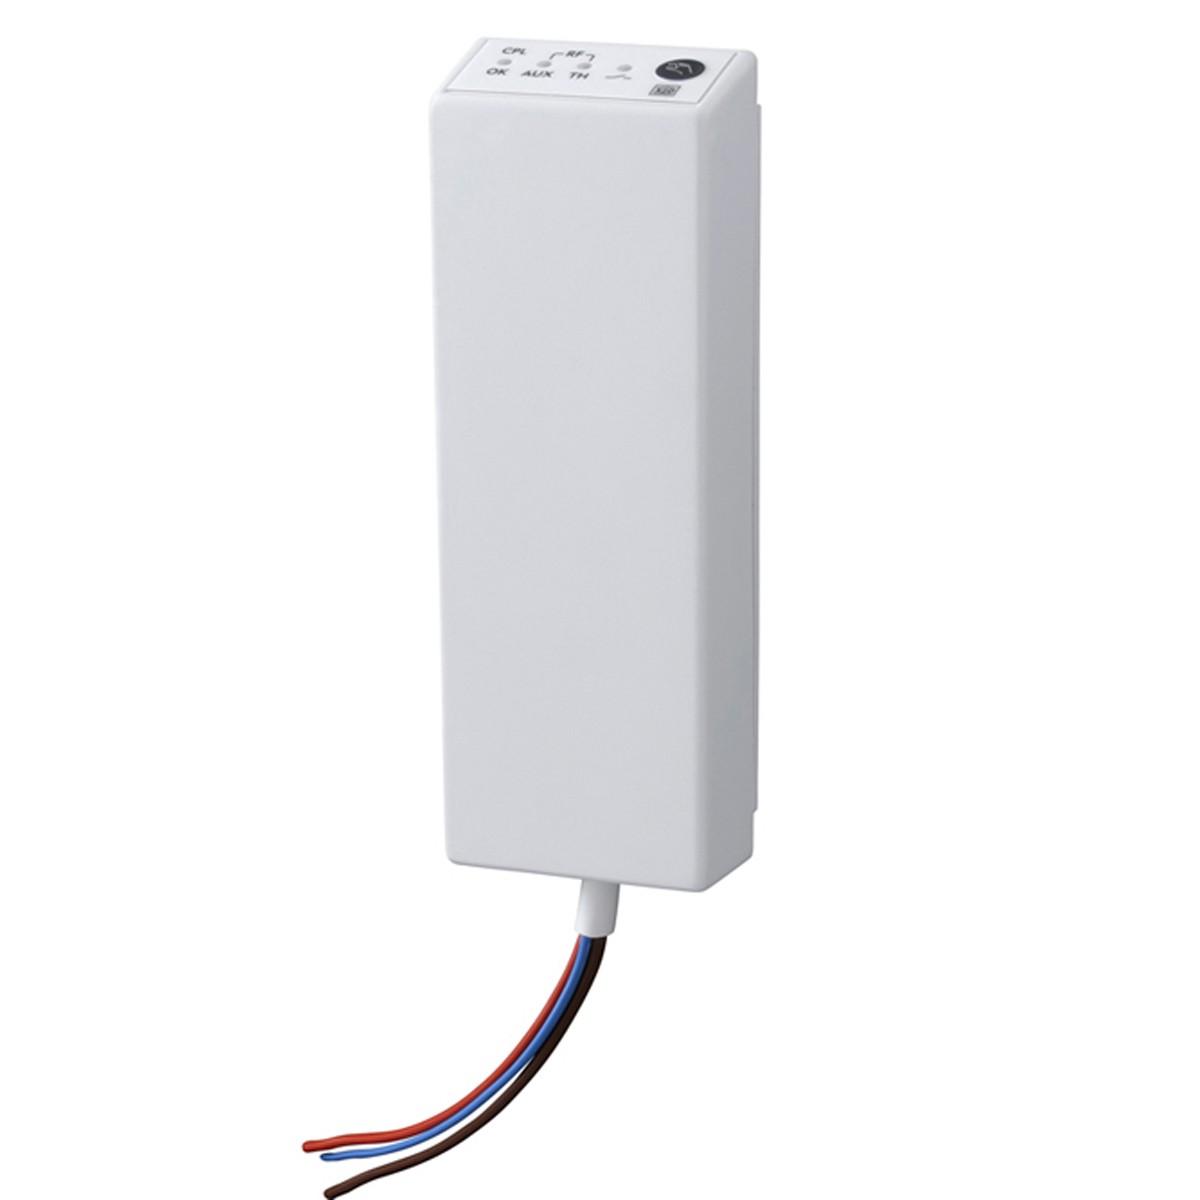 HP 108 : Récepteur CPL et Radio Fréquence